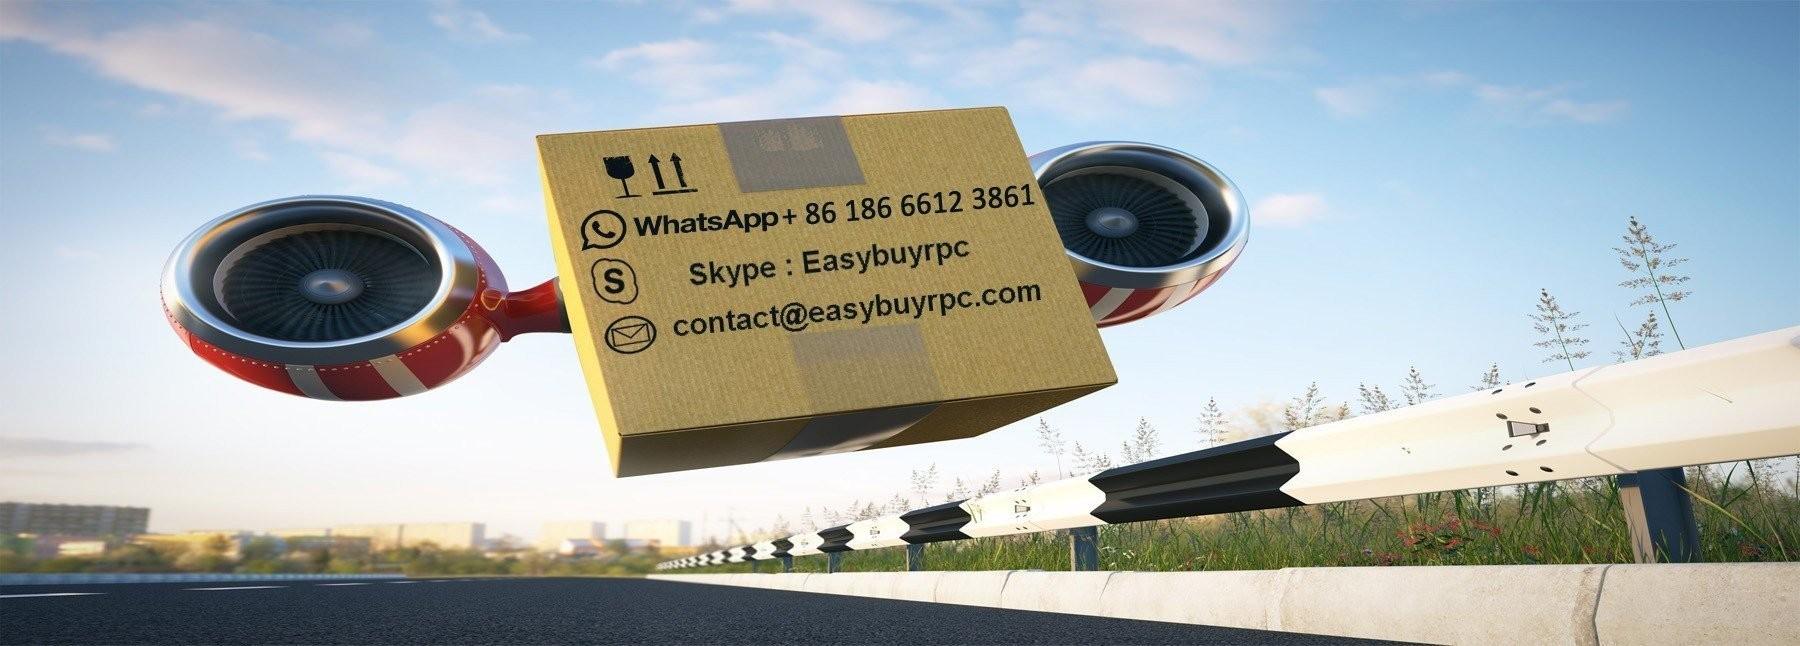 Contact Easybuyrpc